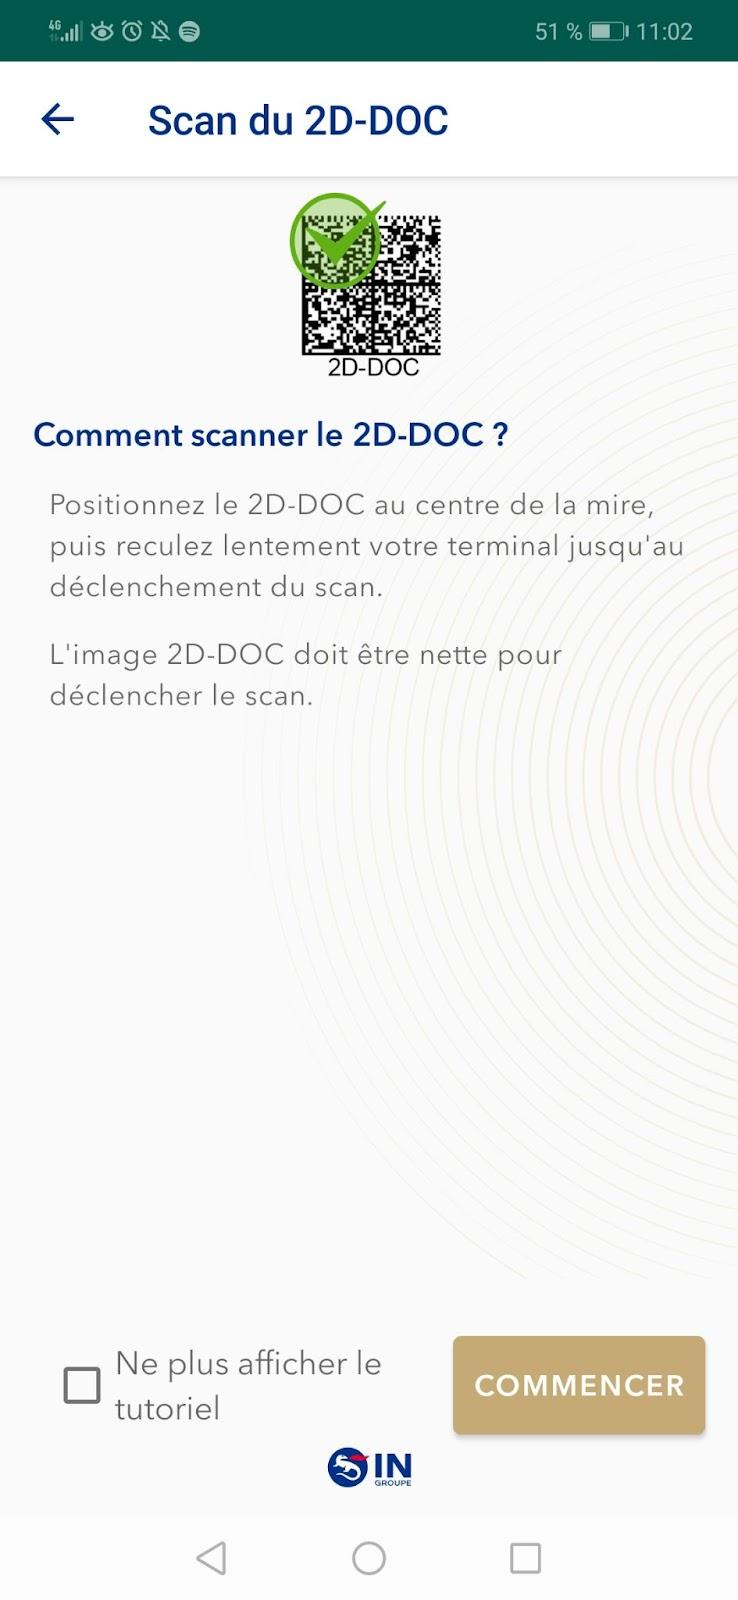 capture d'écran de l'application TousAntiCovid Verif lors du scan d'une preuve sanitaire